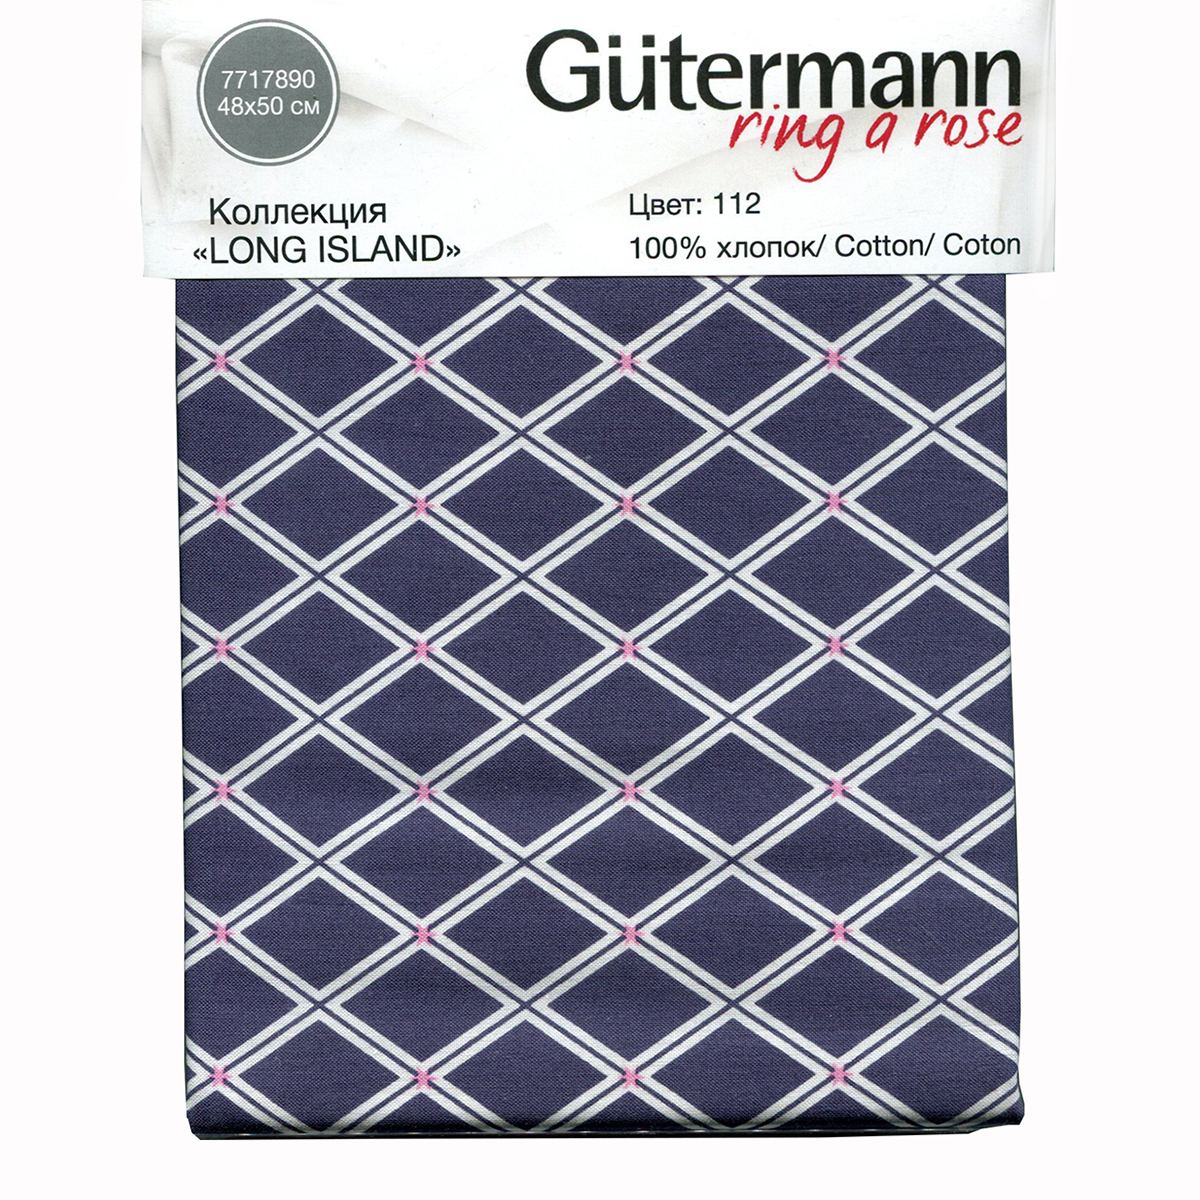 Ткань Gutermann Long Island, 48 х 50 см. 647489_1127717890-112Хлопковая ткань от Gutermann (Гутерманн) выполнена из 100% натурального материала, идеально подойдет для шитья одежды, постельного белья, декорирования. Ткань не линяет, не осыпается по краям и не дает усадки.